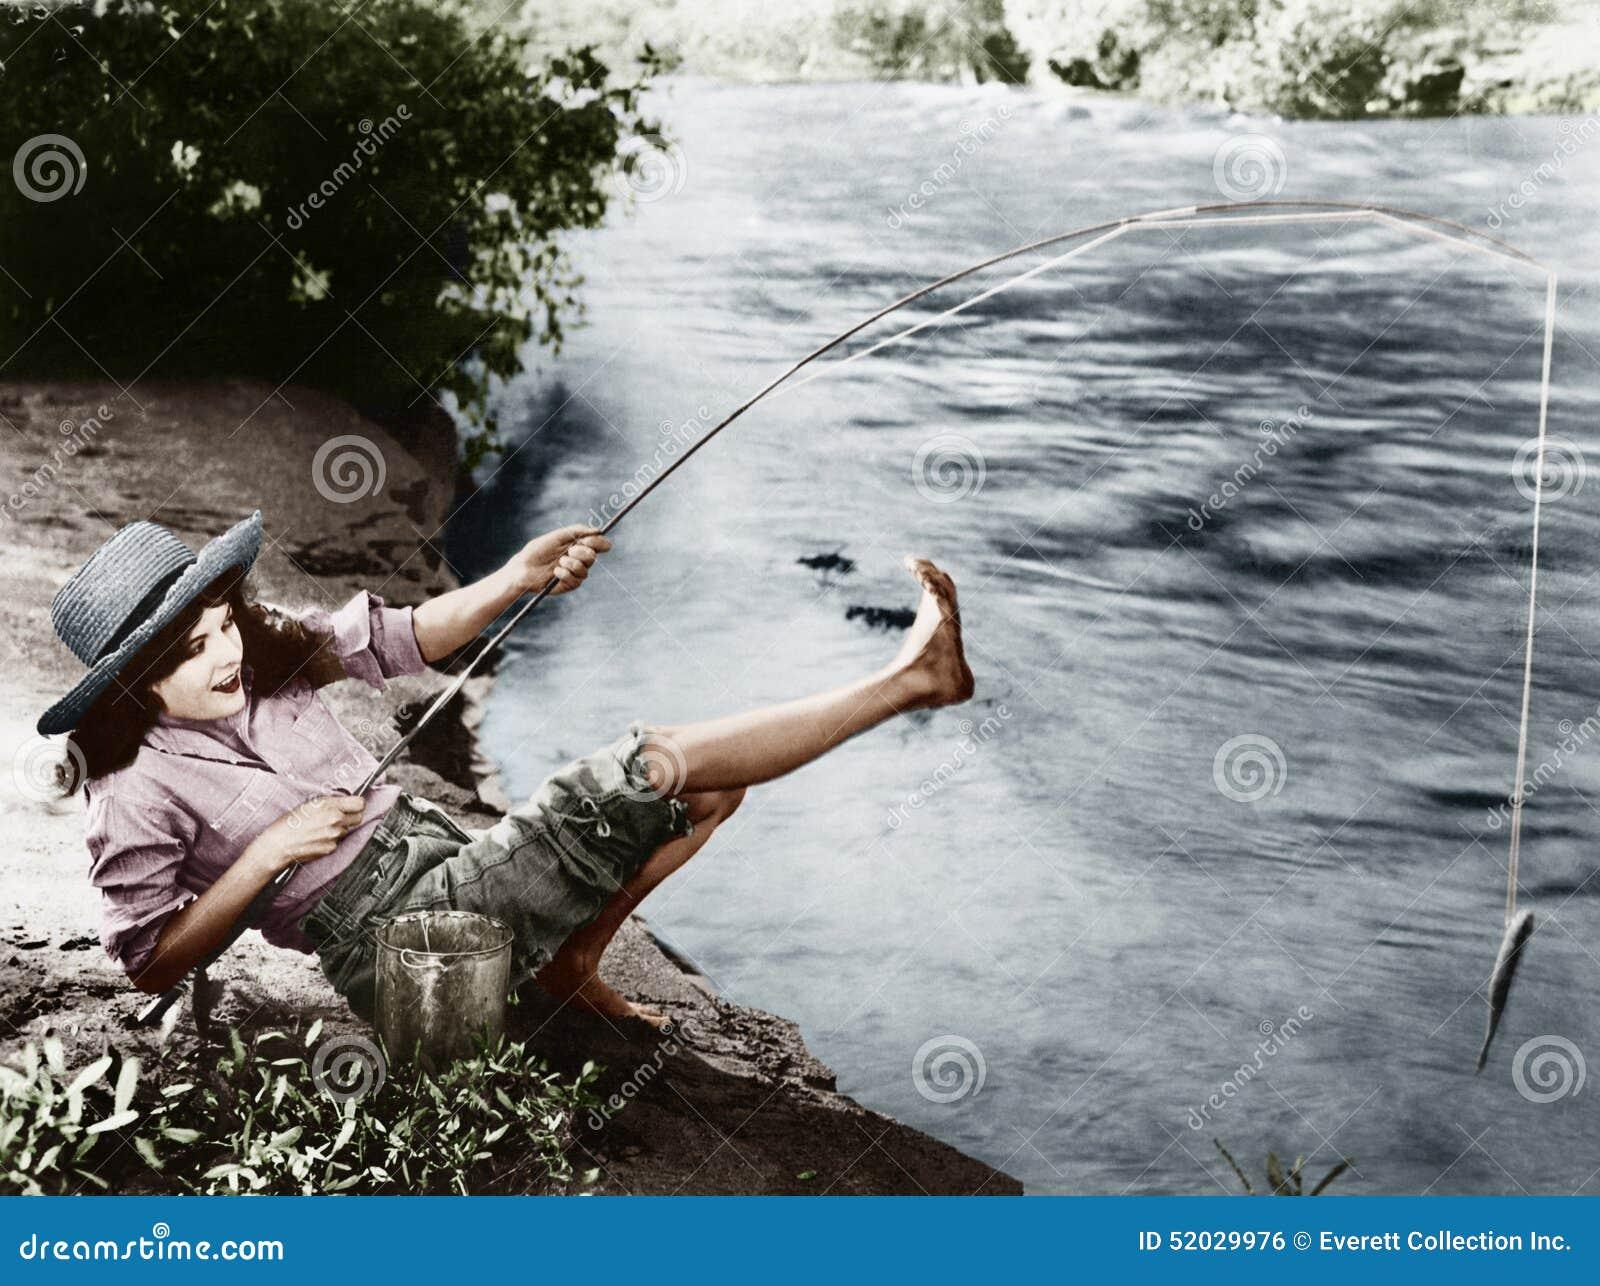 Γυναίκα που επίασε ένα μικρό ψάρι πέρα από προς τα πίσω (όλα τα πρόσωπα που απεικονίζονται δεν ζουν περισσότερο και κανένα κτήμα